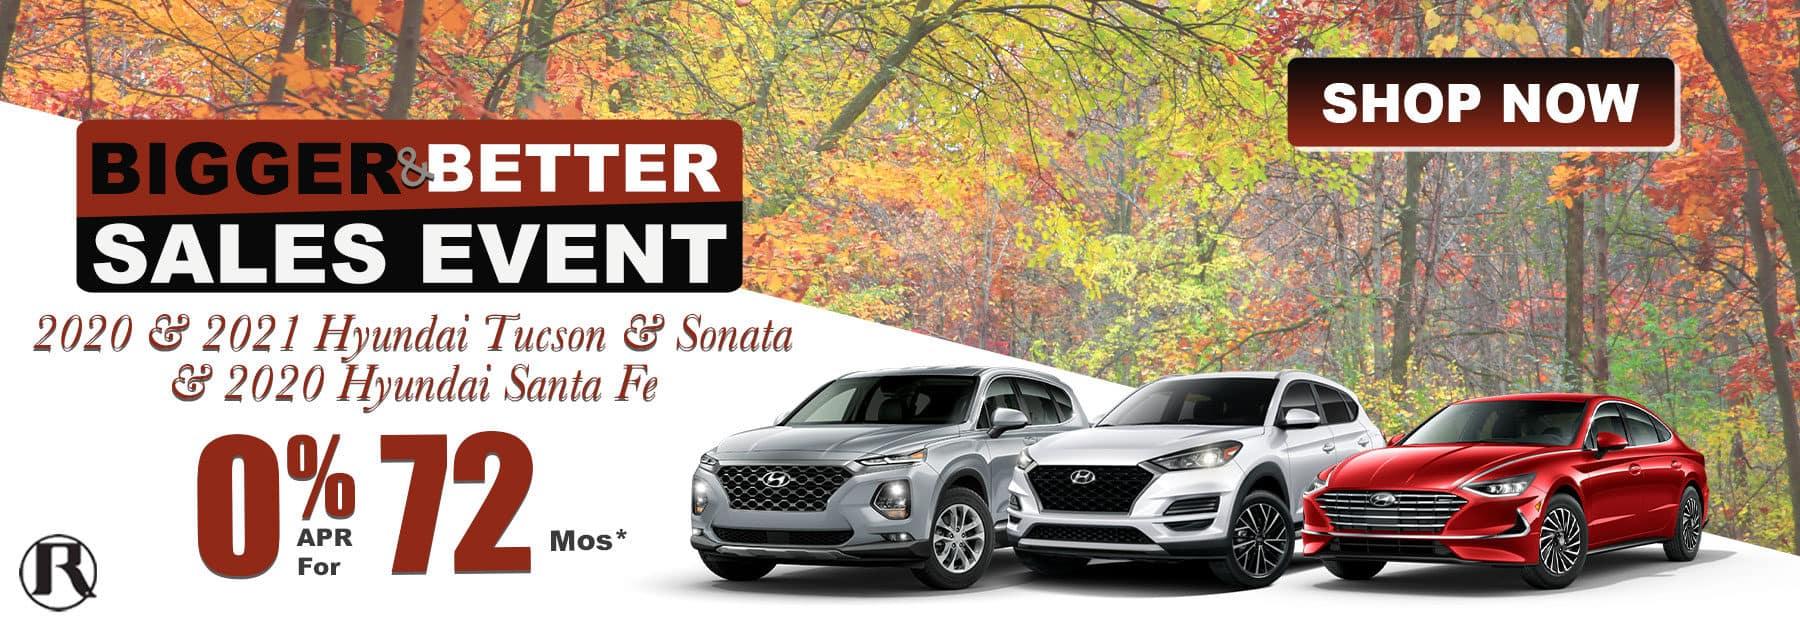 2020 2021 Hyundai Tucson Sonata 2020 Hyundai Santa Fe